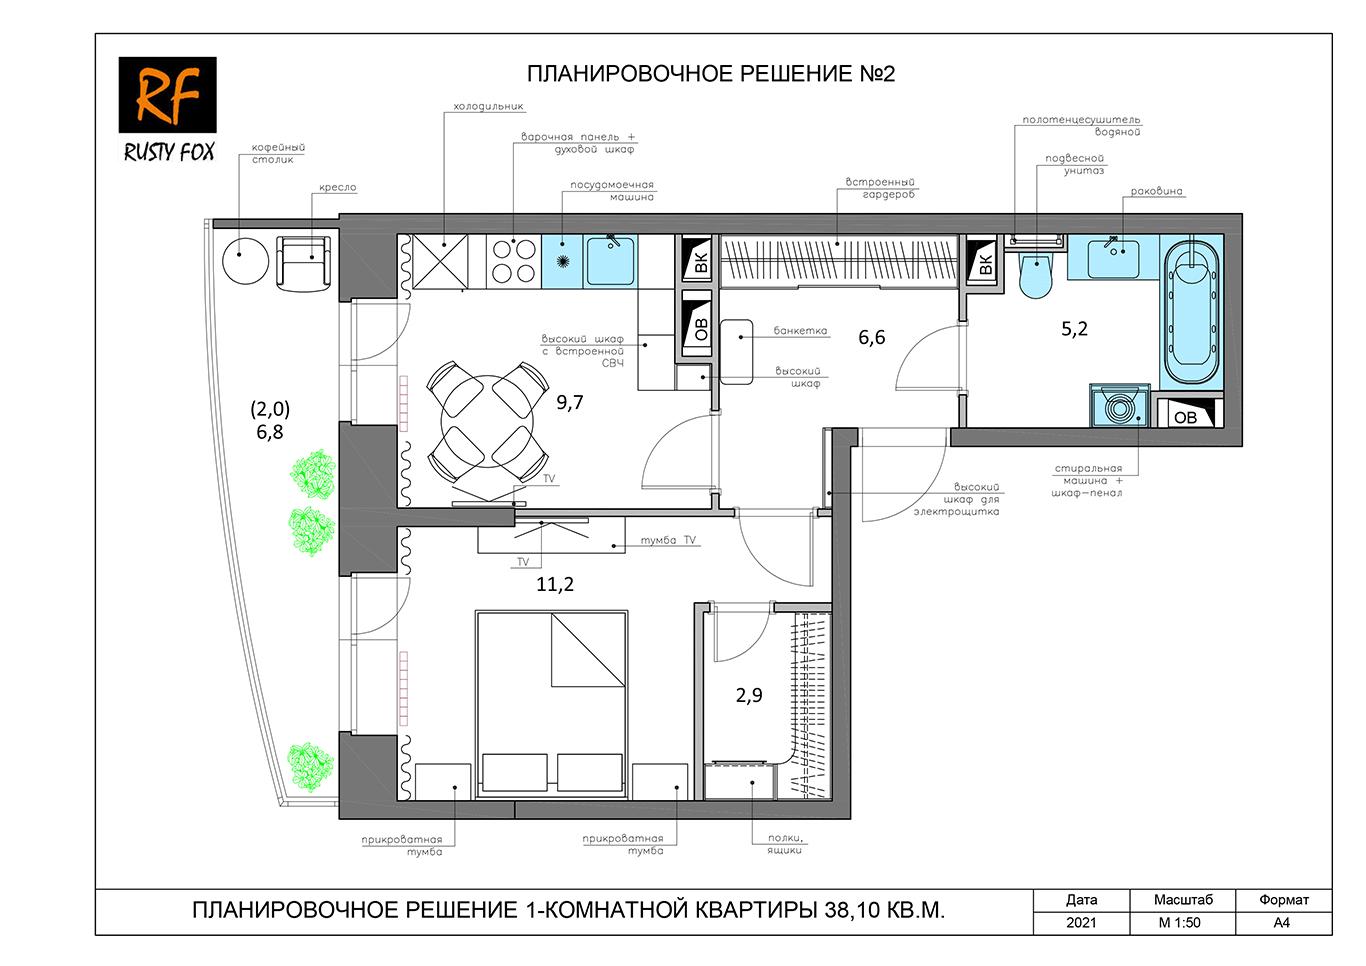 ЖК Люберцы корпус 54. Планировочное решение №2 1-комнатная квартира левая 38,10 кв.м.